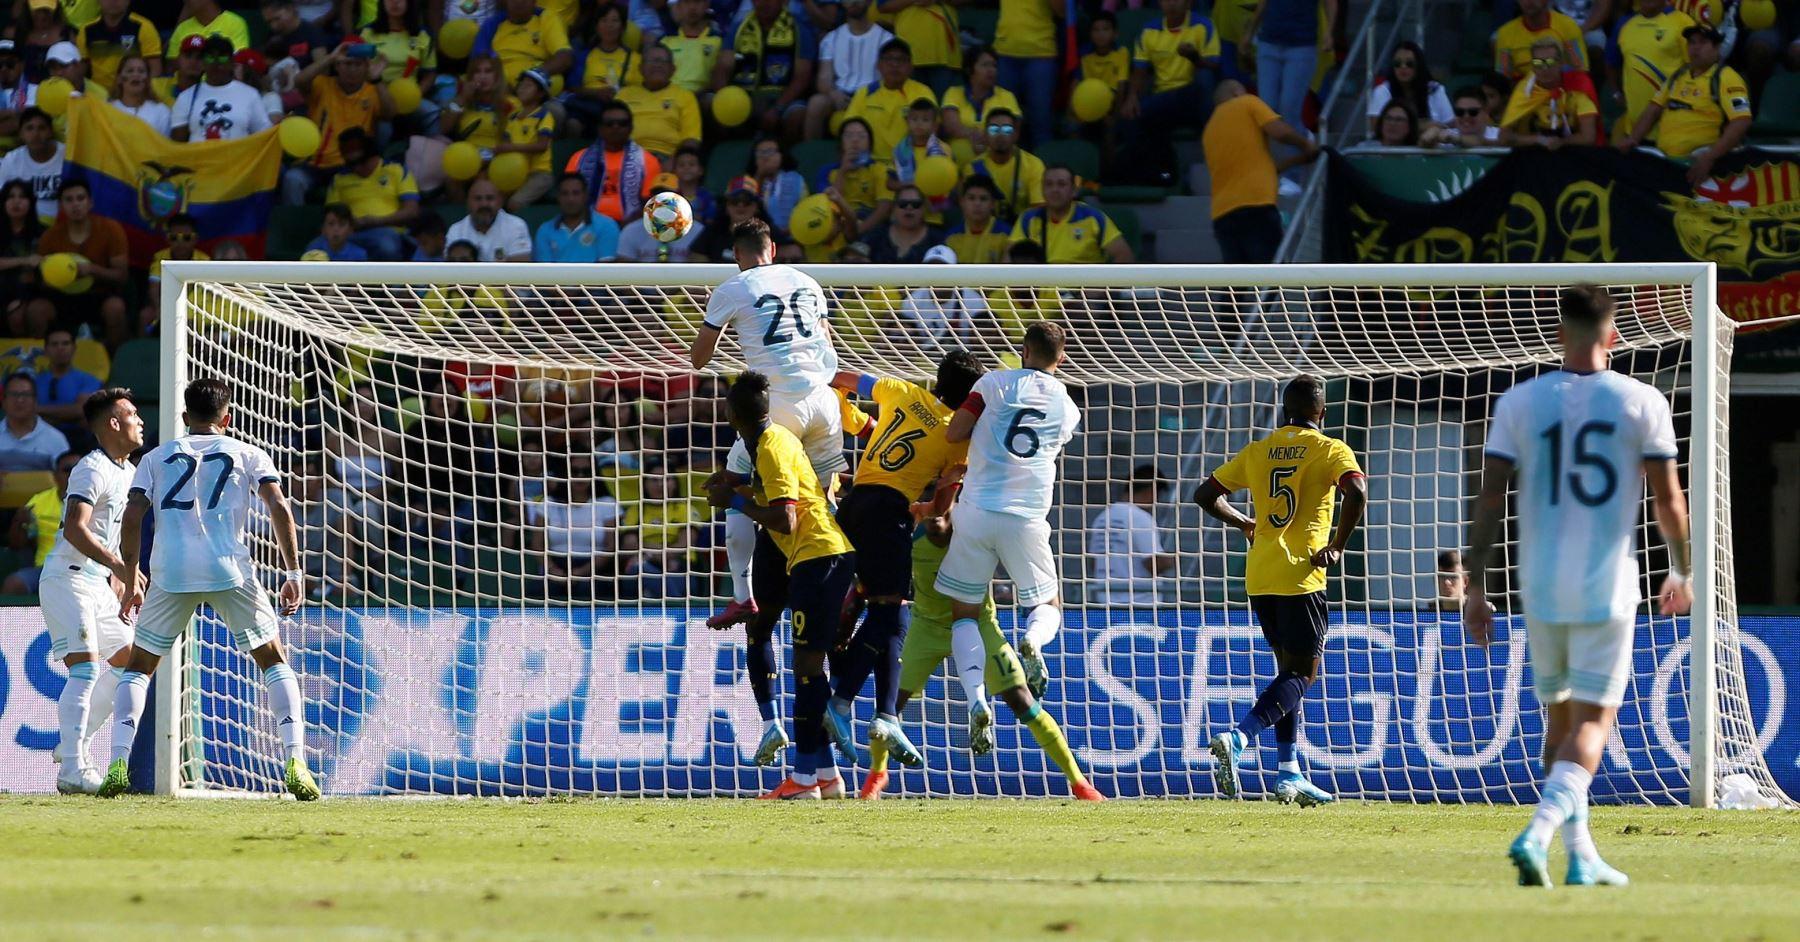 El delantero de argentino Lucas Alario marca de cabeza en goleada a  Ecuador . Foto: EFE